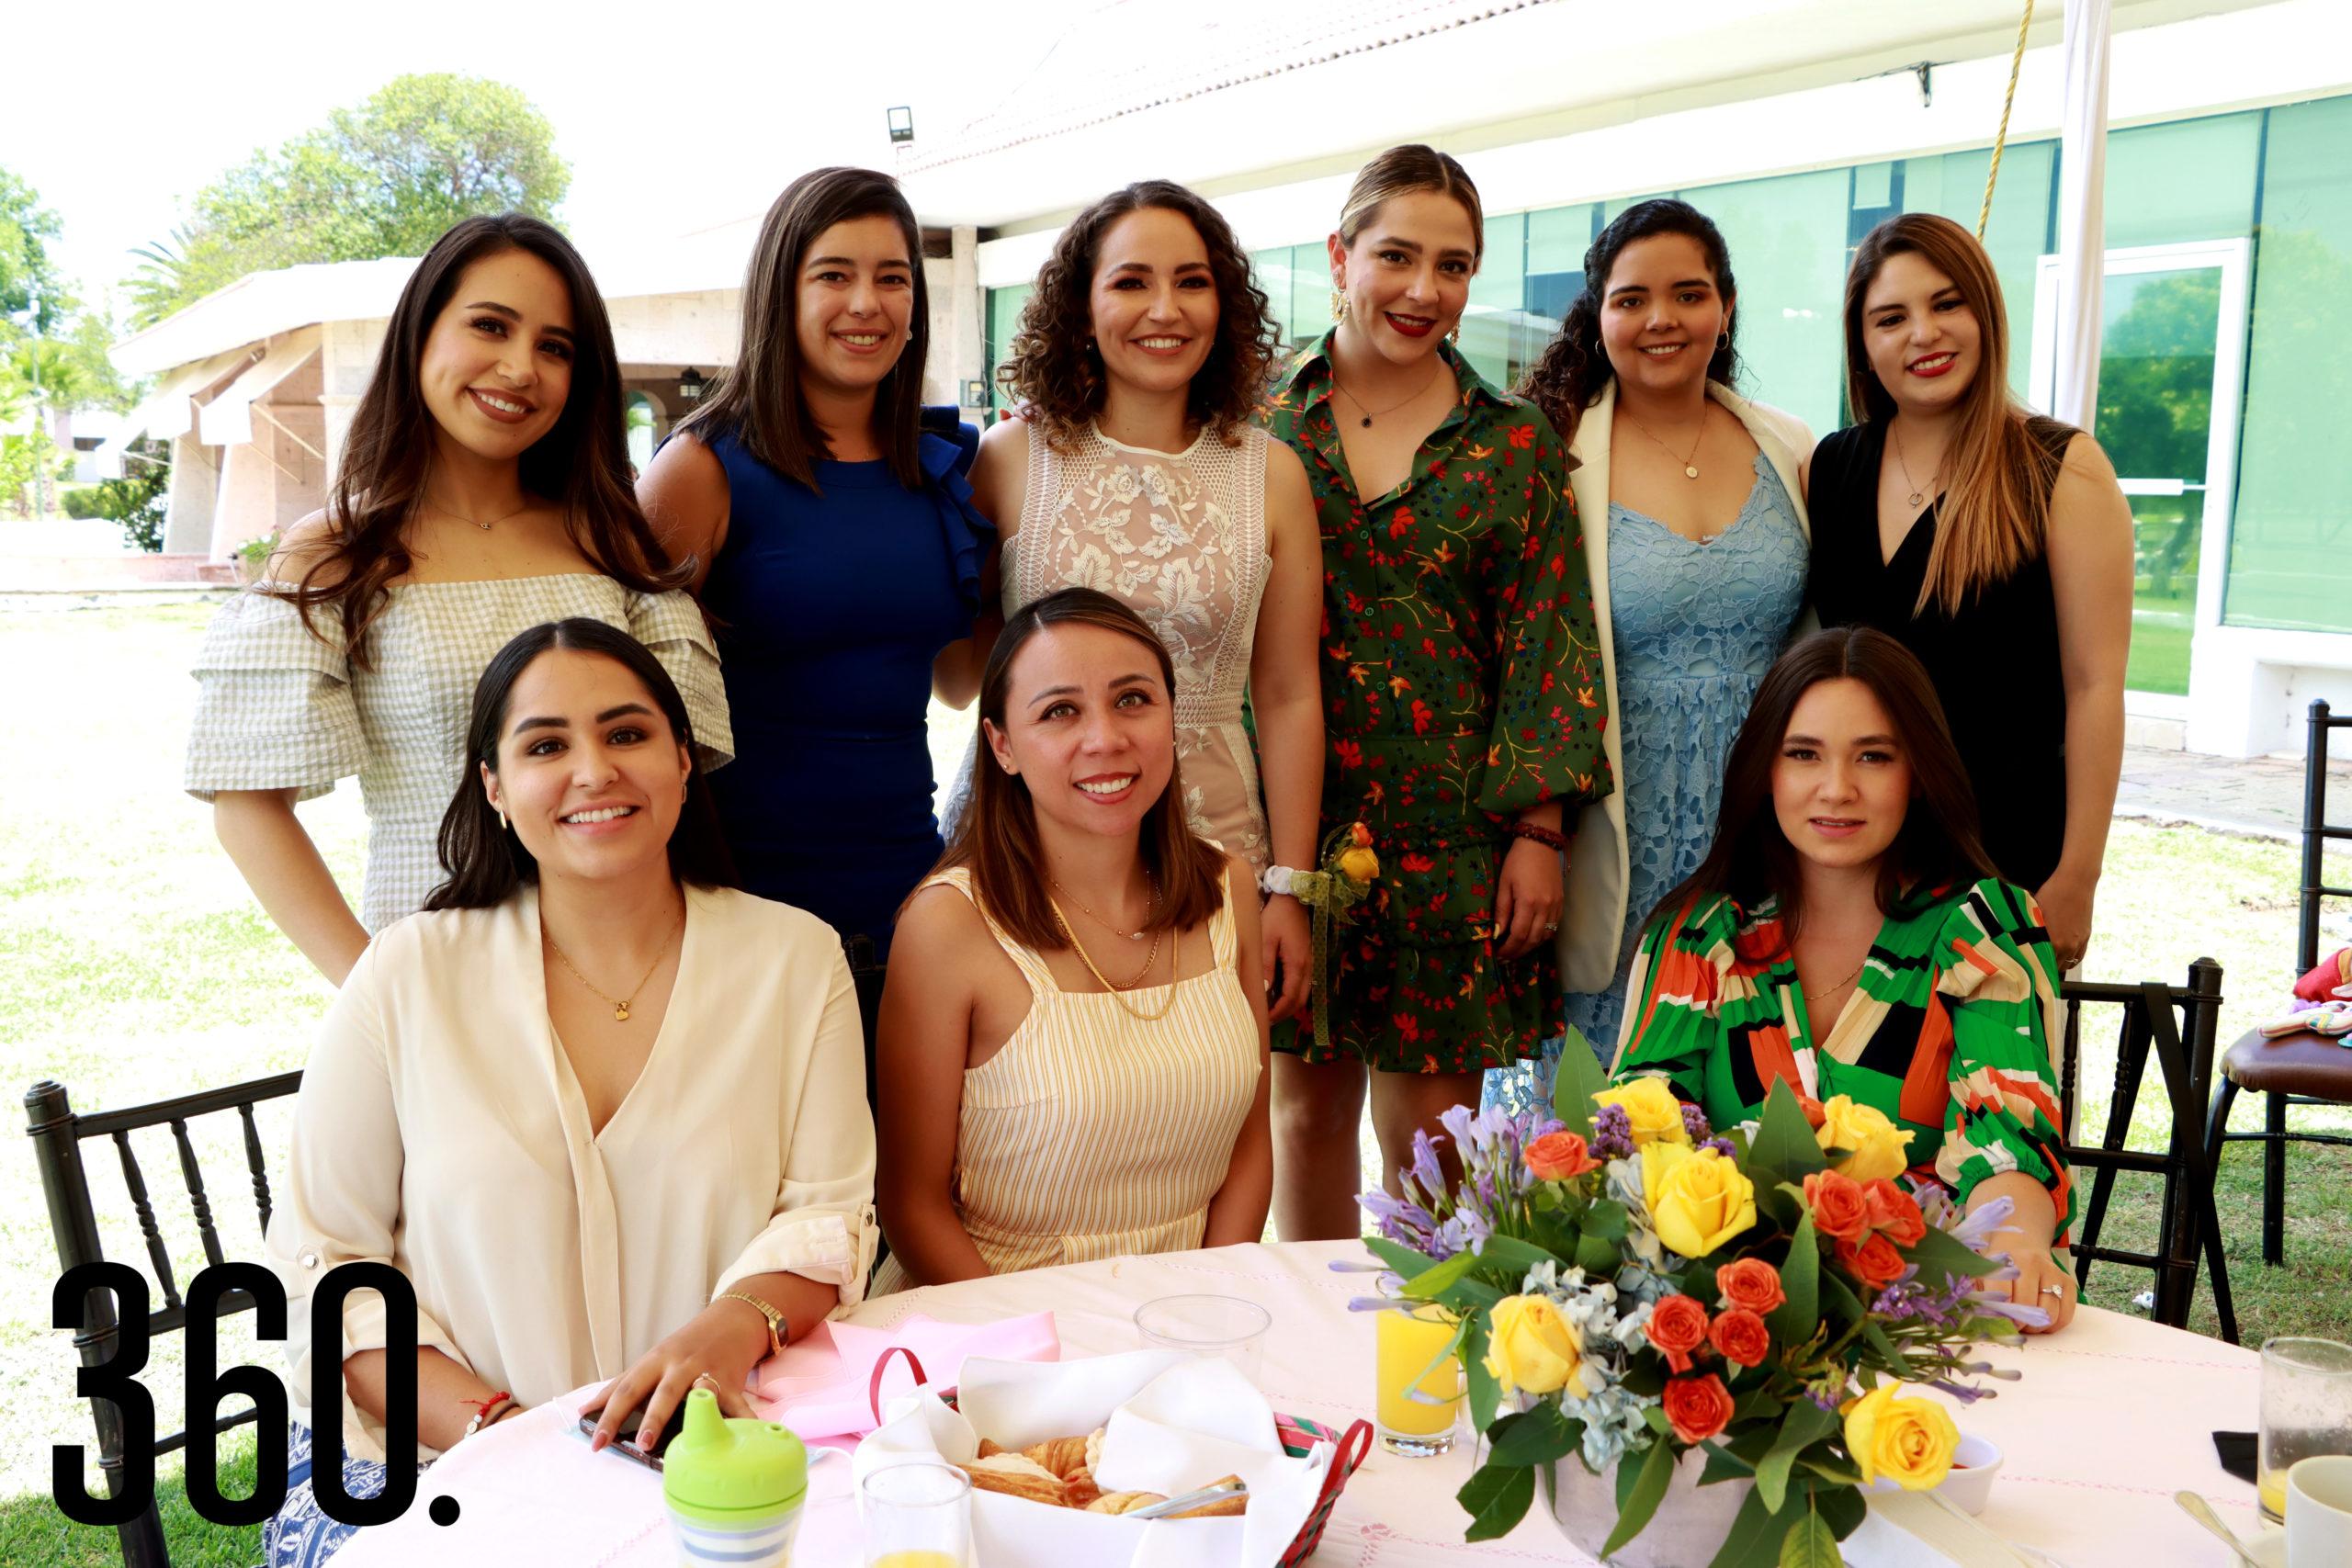 Ana Cecilia convivió con sus amigas durante su despedida.